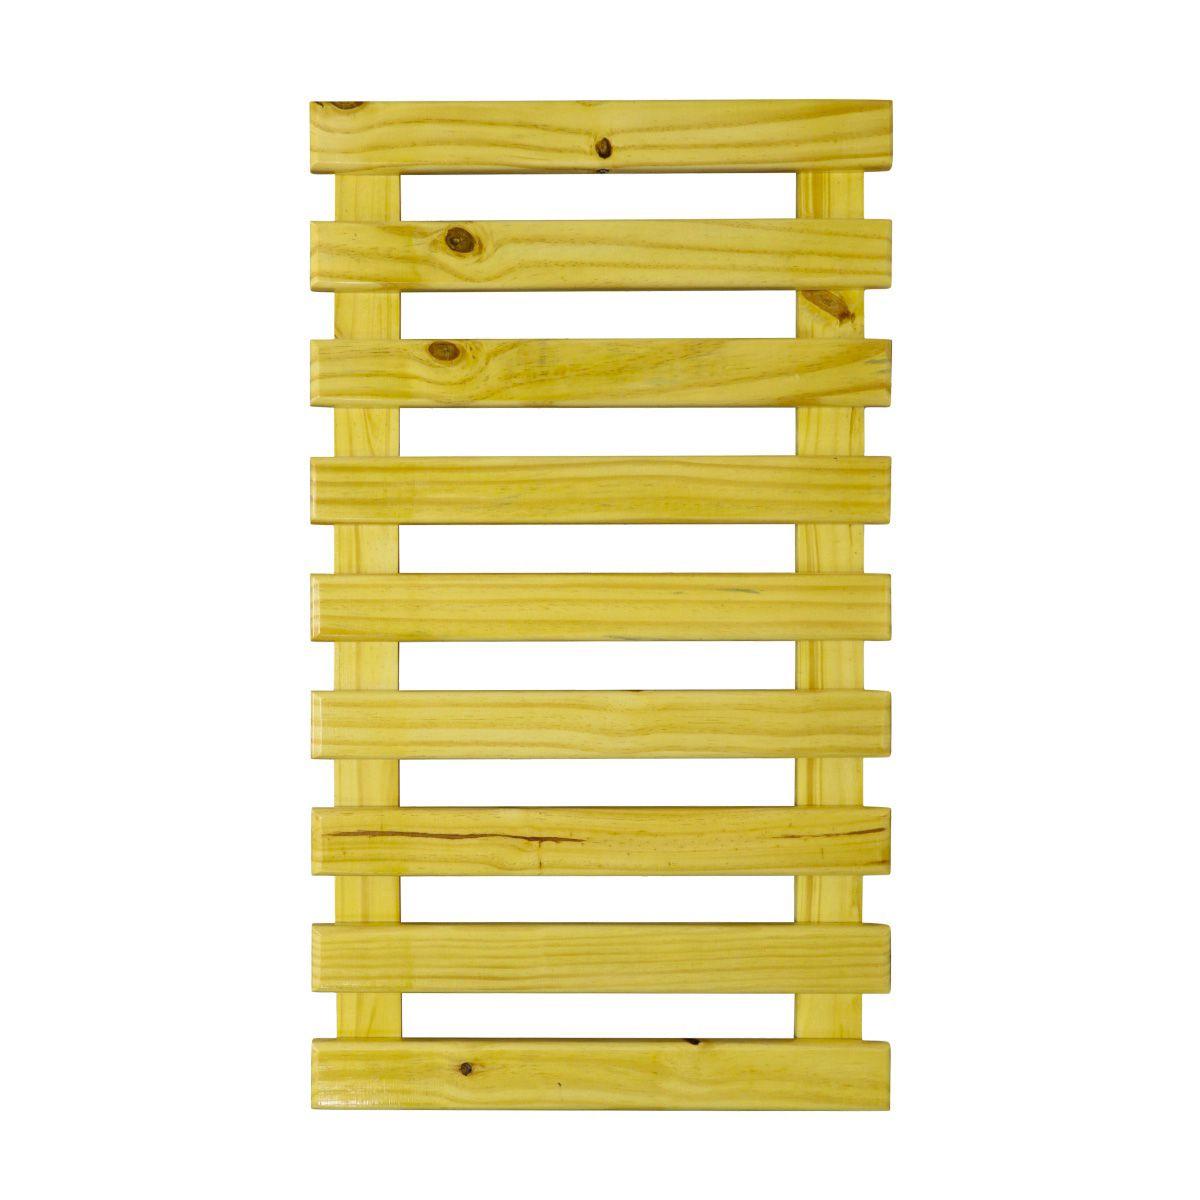 Treliça de Madeira 100cm x 60cm para Jardim Vertical Natural com tratamento para áreas externas